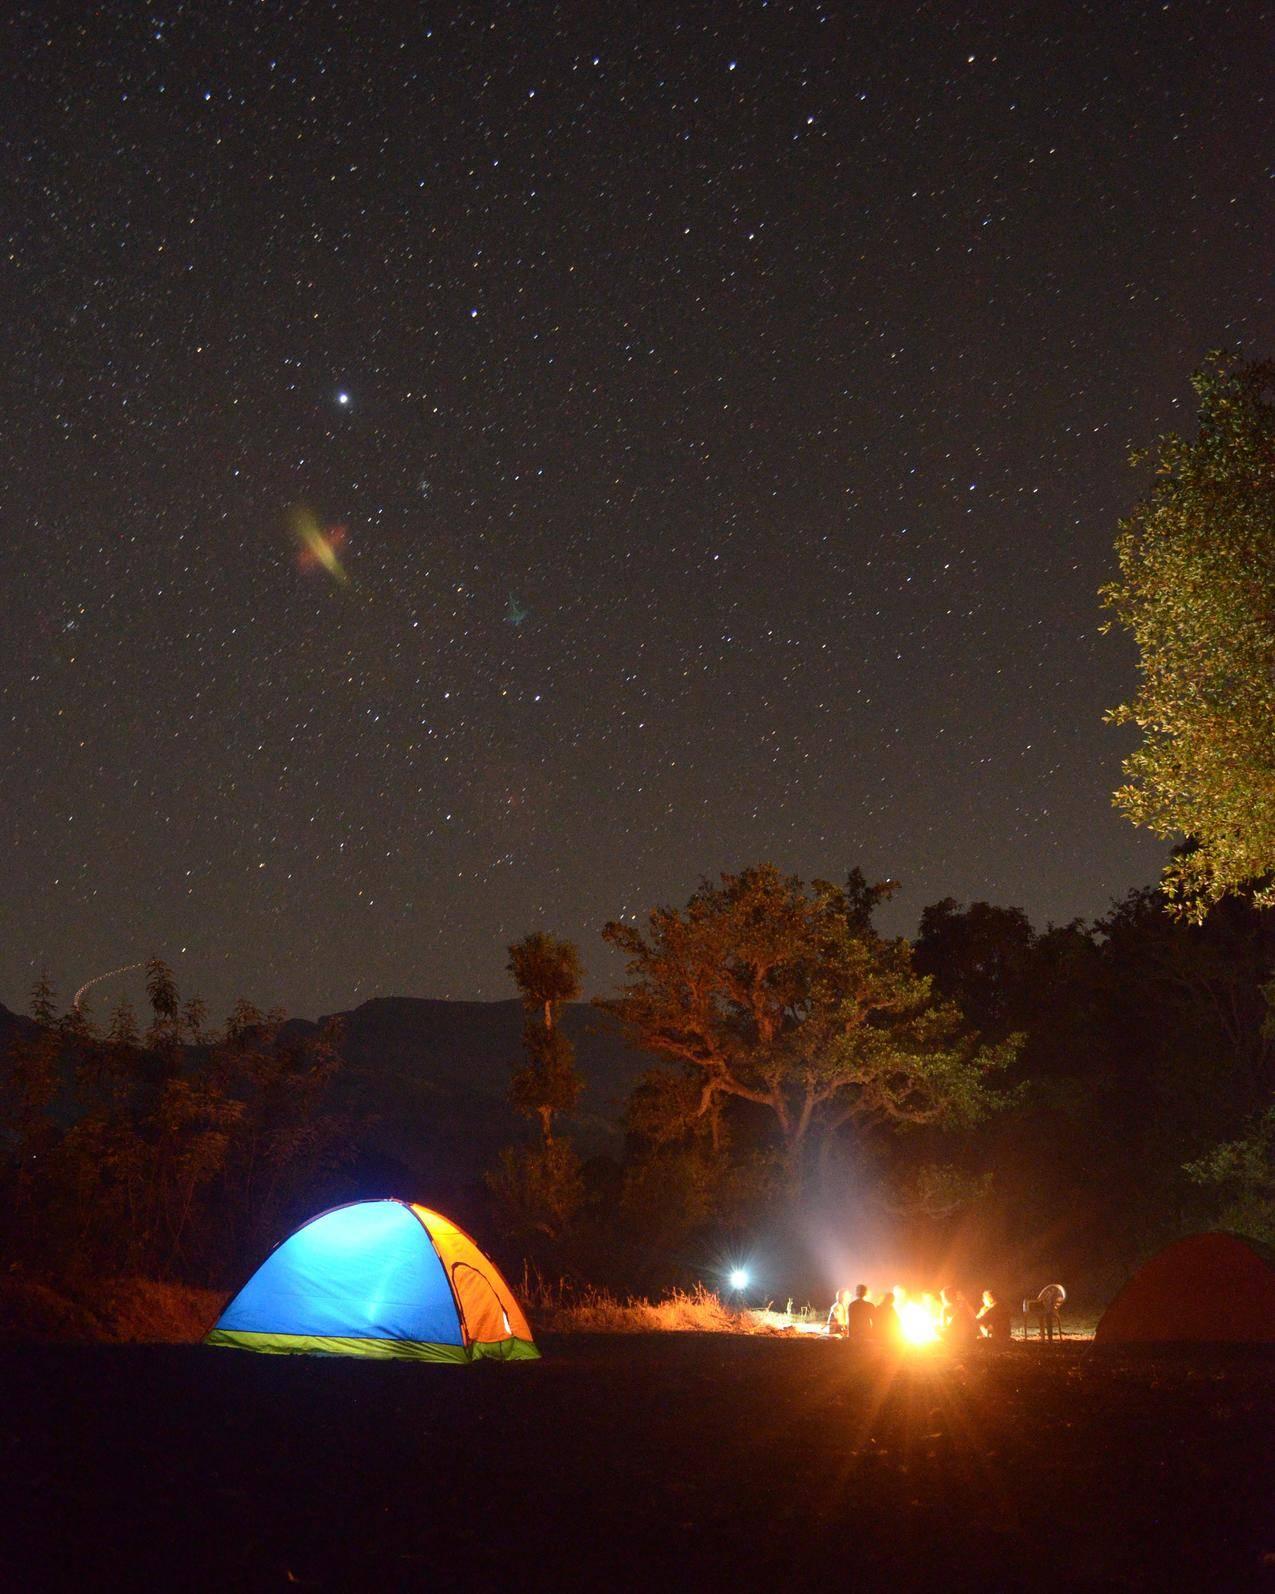 Blue和黄灯穹顶帐篷在夜间被植物包围的高清图片